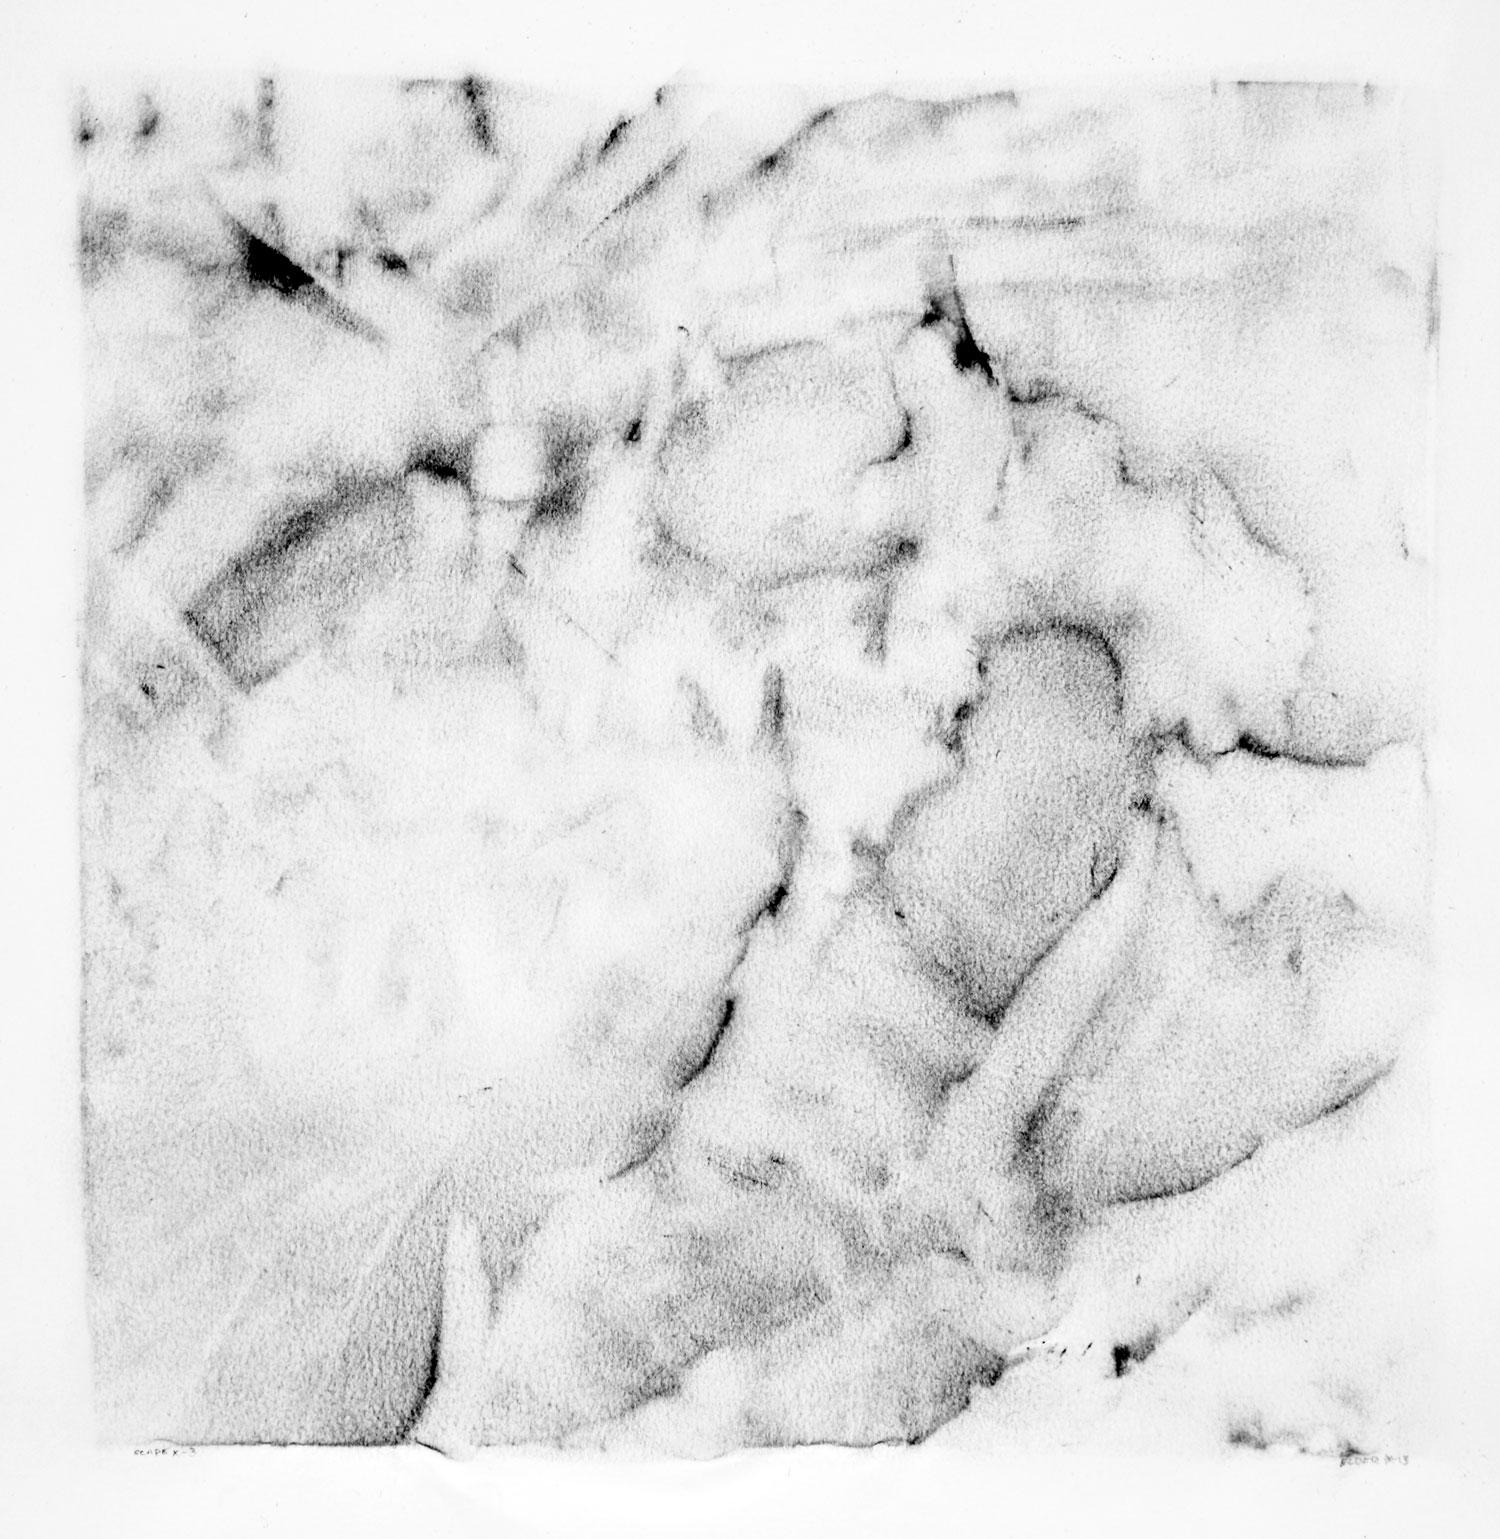 """SCAPE, X-3  12"""" X 12"""" image   19.5"""" x 25.5"""" Canson Dessin Paper"""